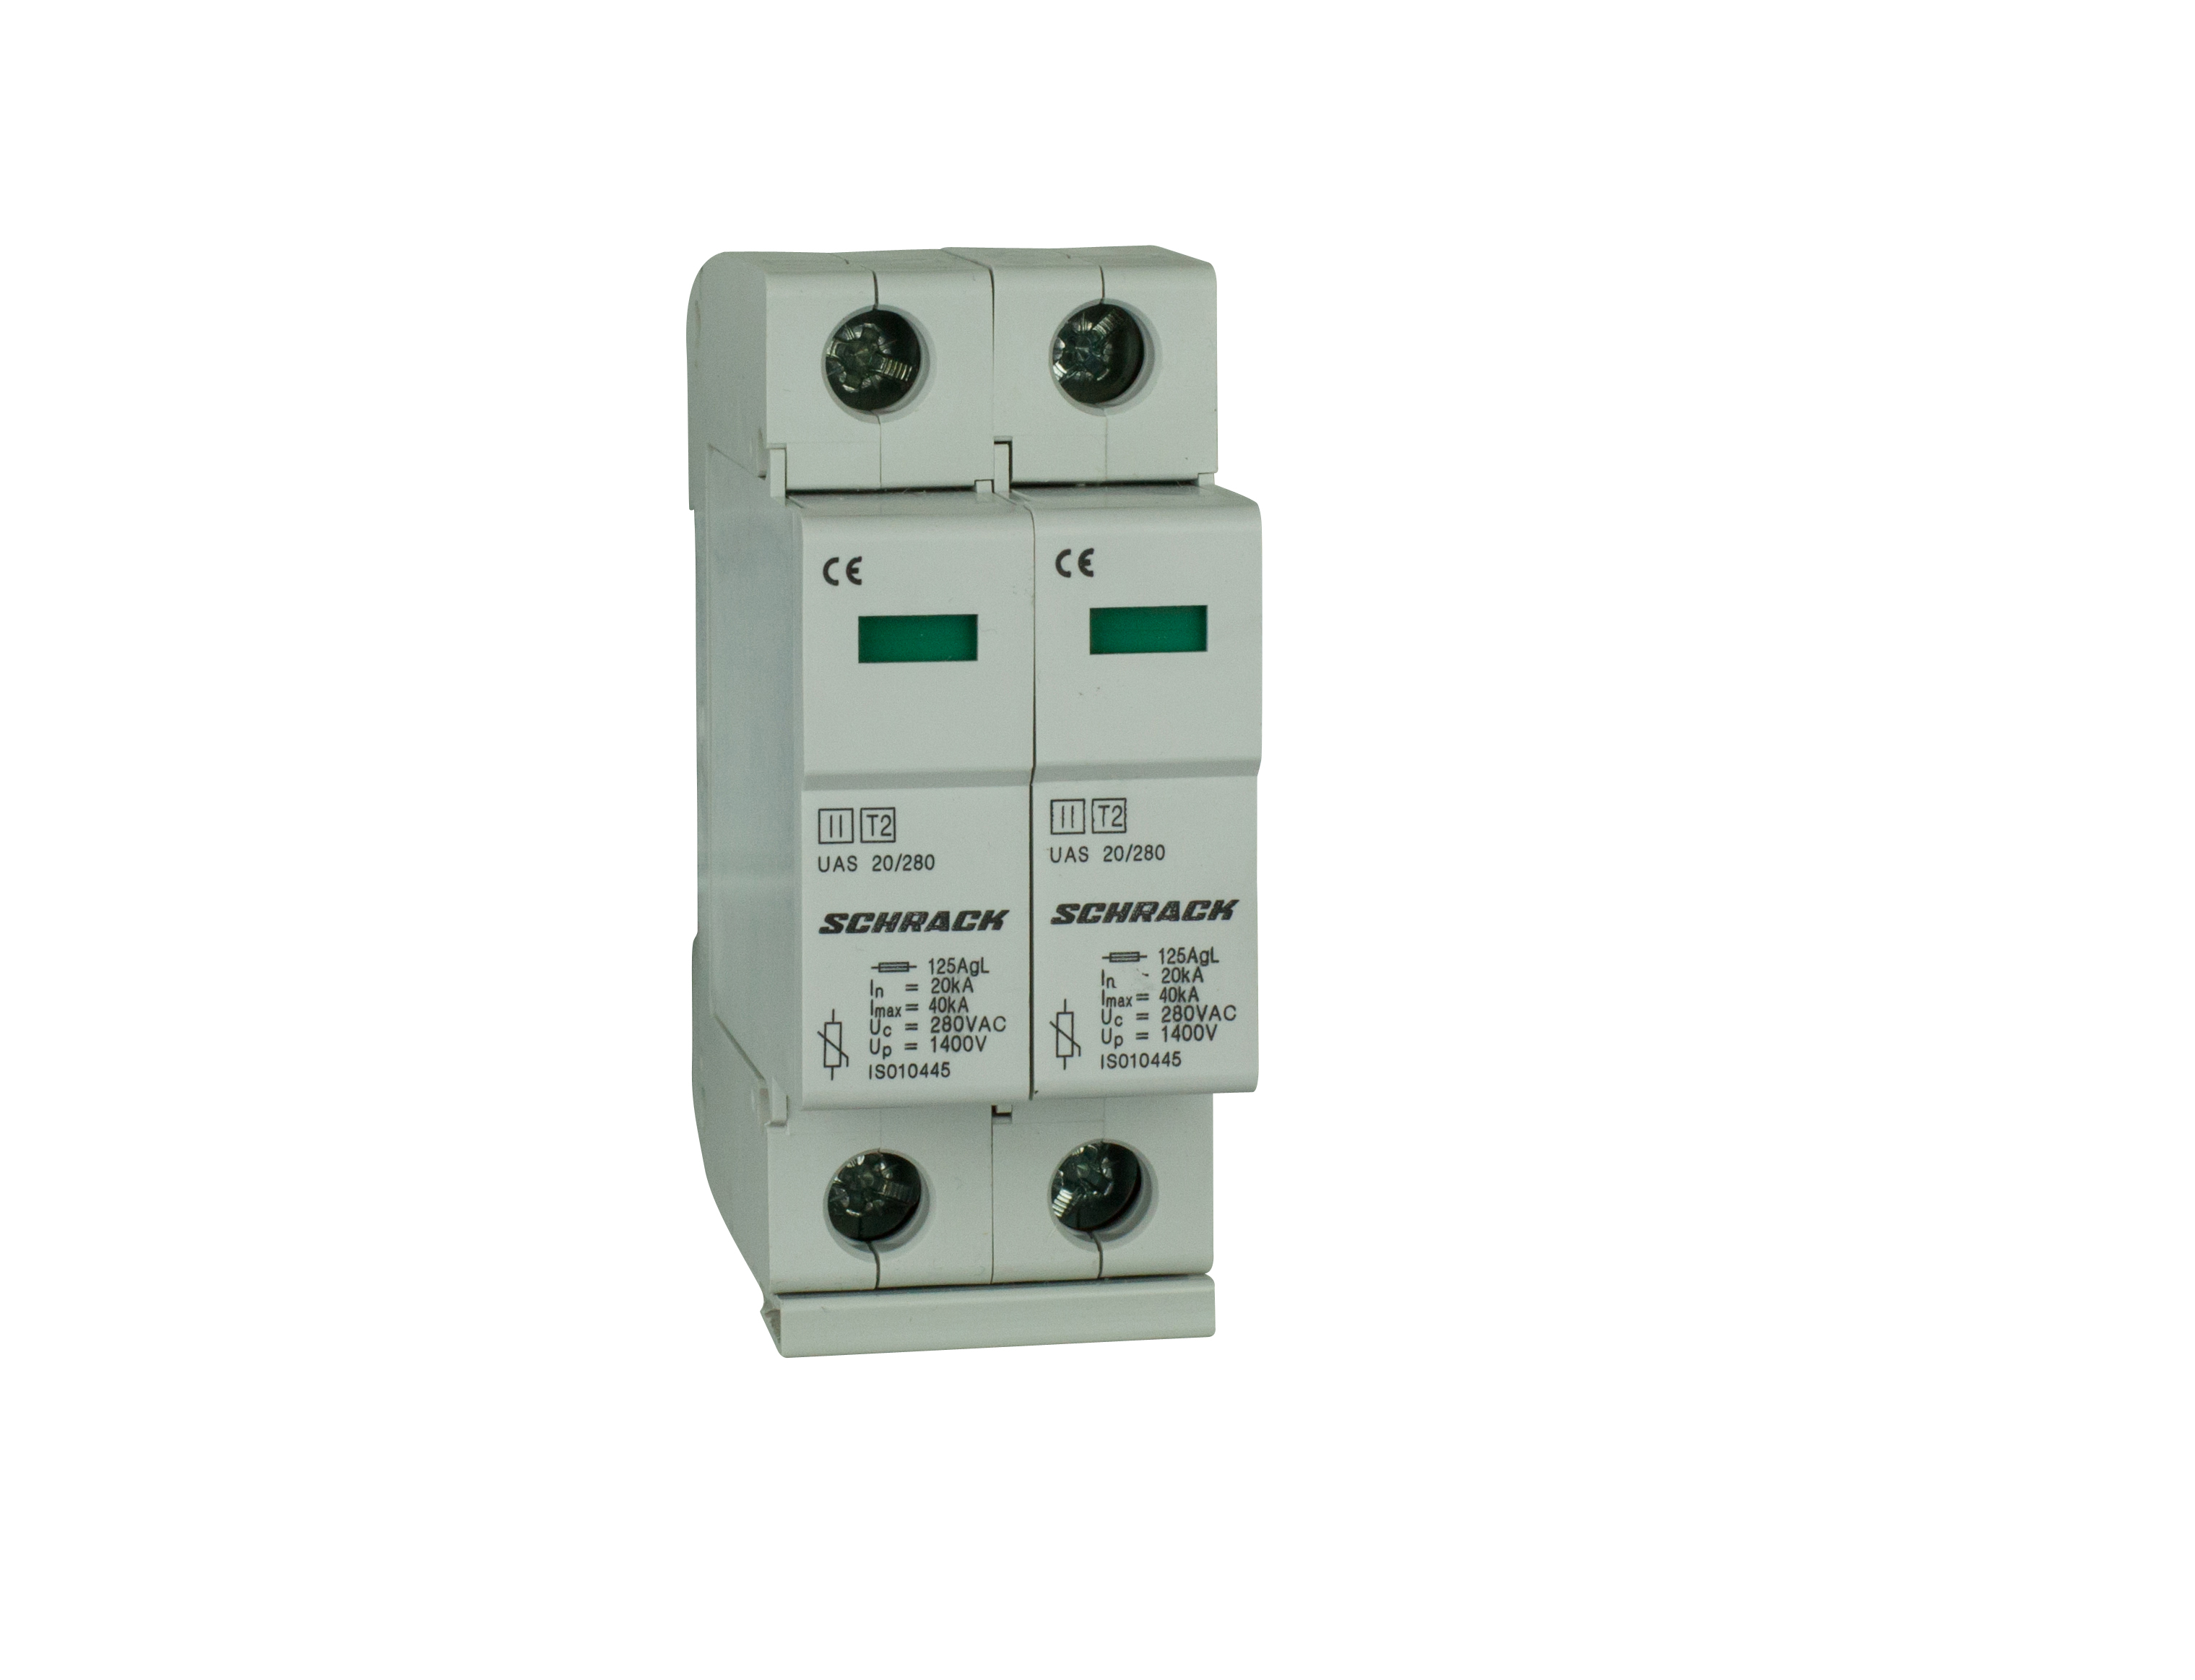 1 Stk T2/C - Ableiter komplett, 2p, 2x20kA/280V - Serie UAS IS010447--